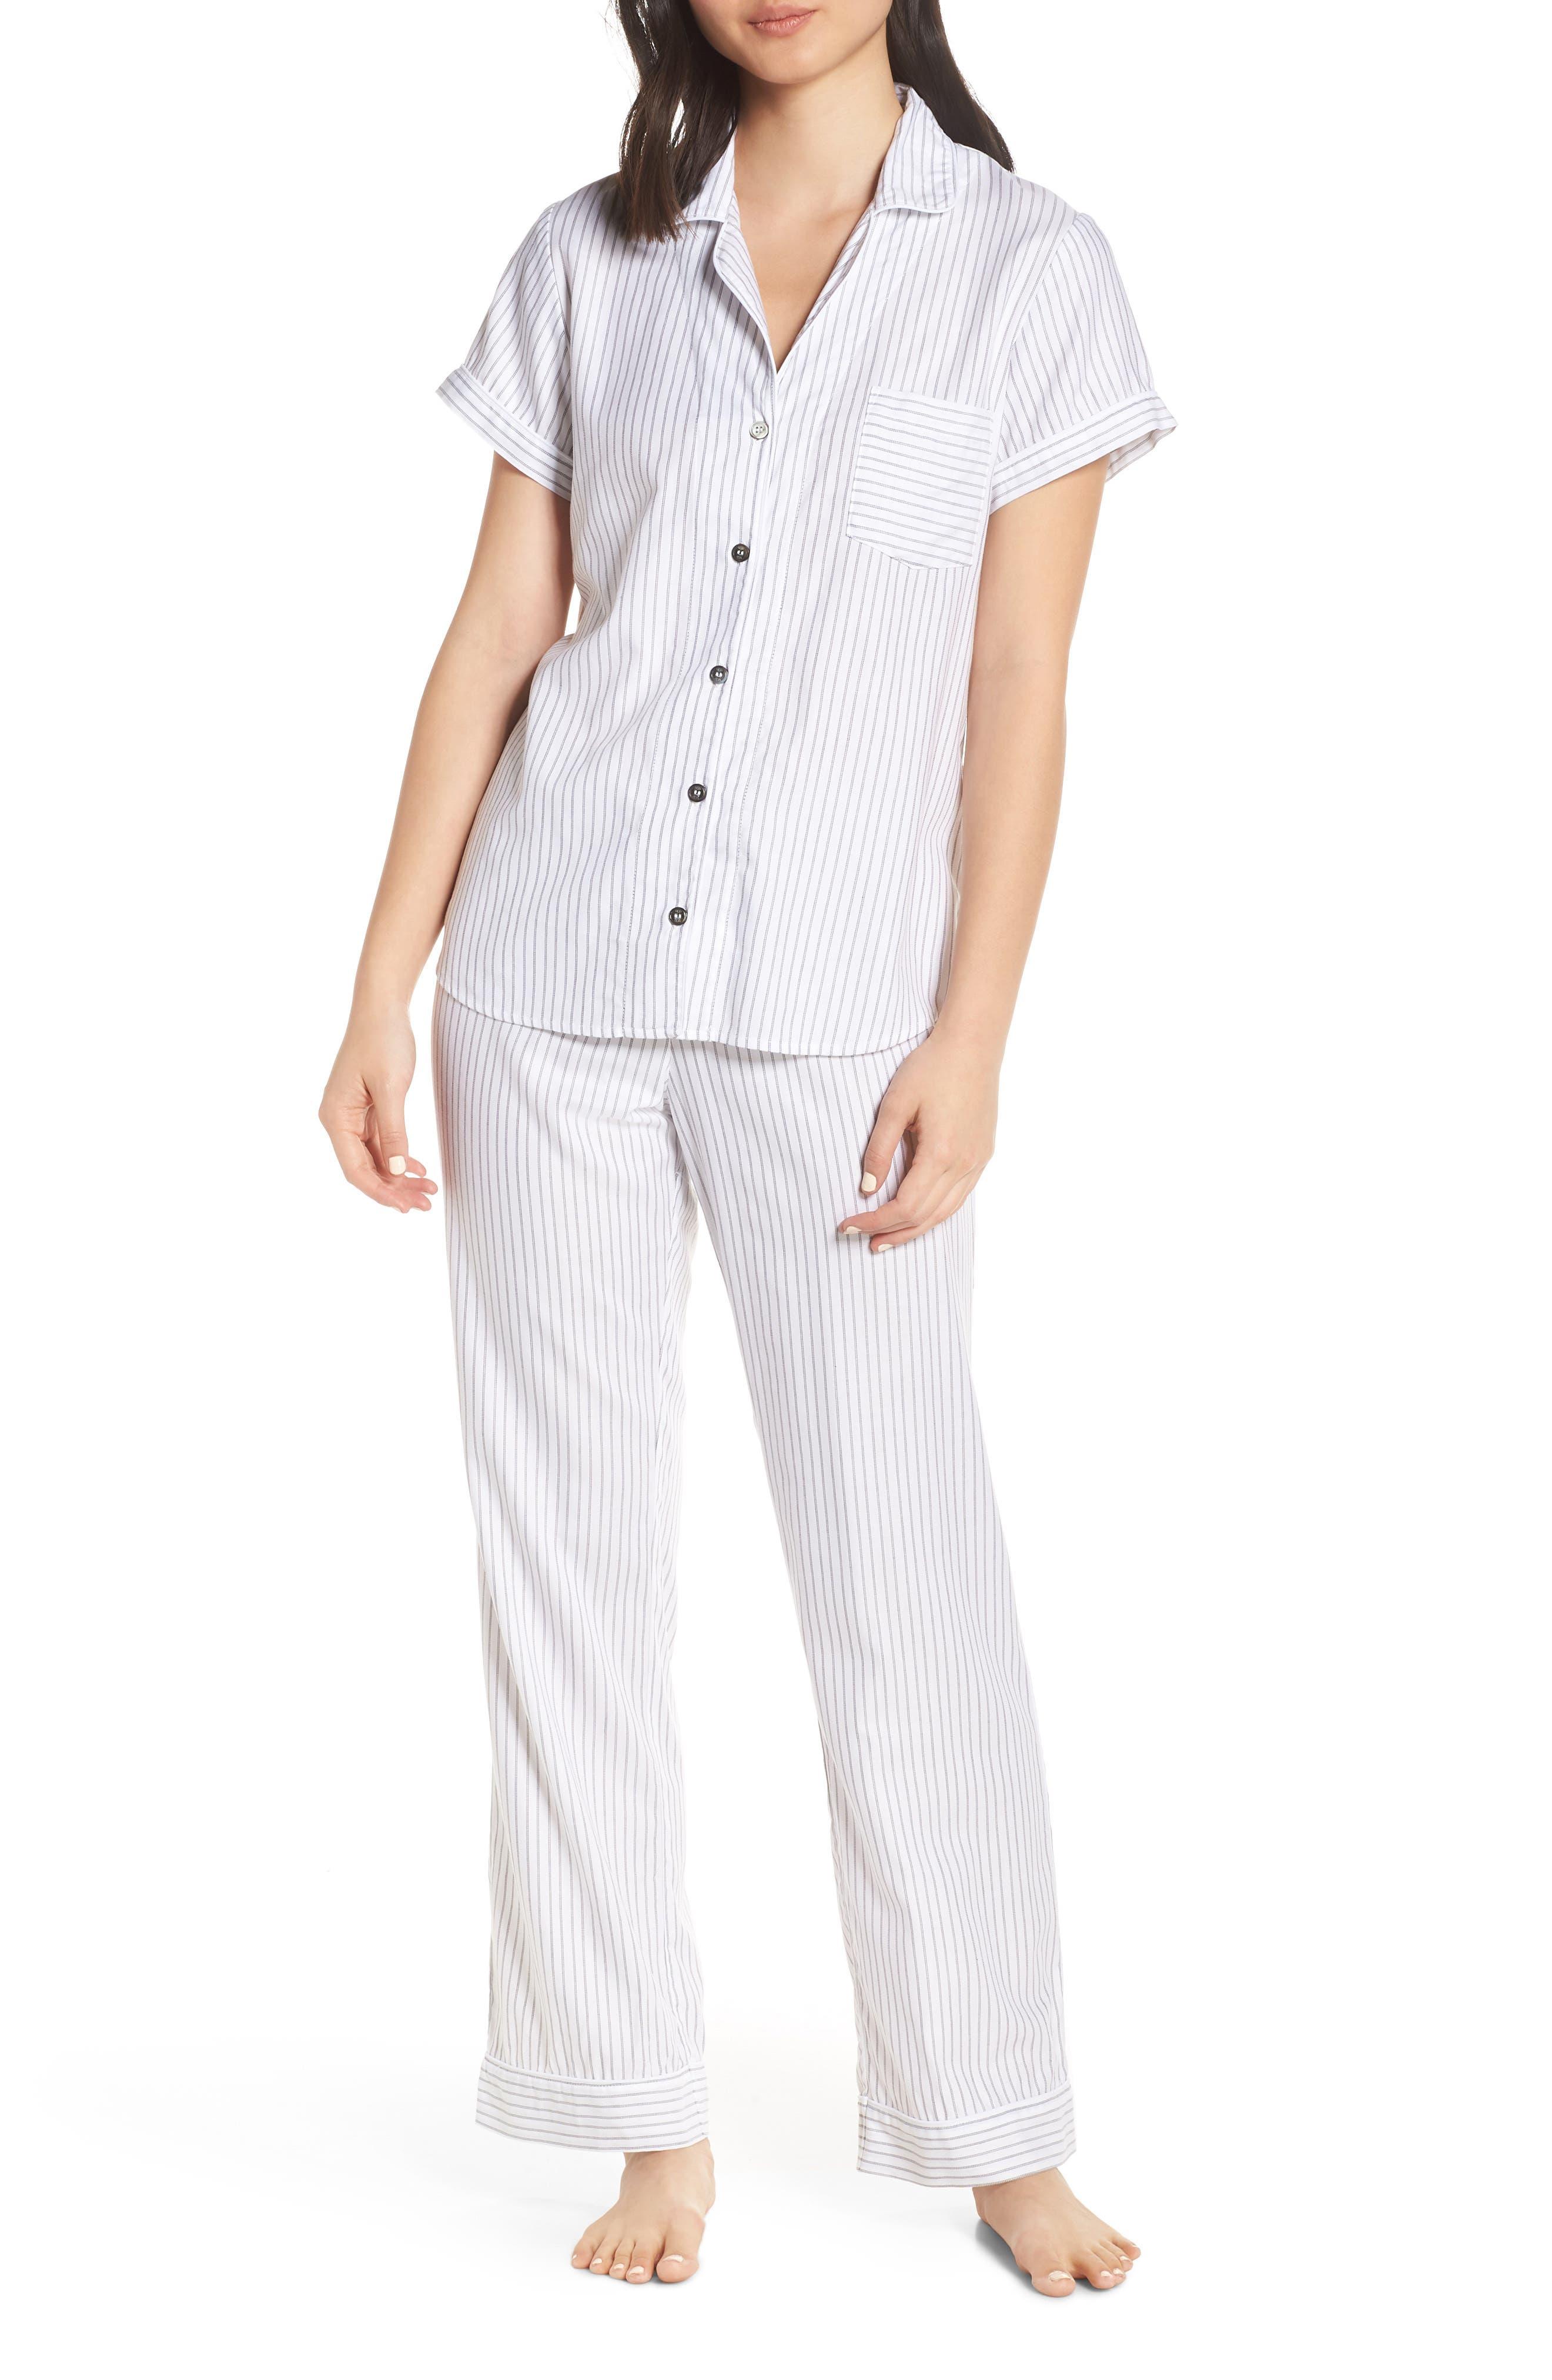 Ugg Rosan Stripe Pajamas, Ivory